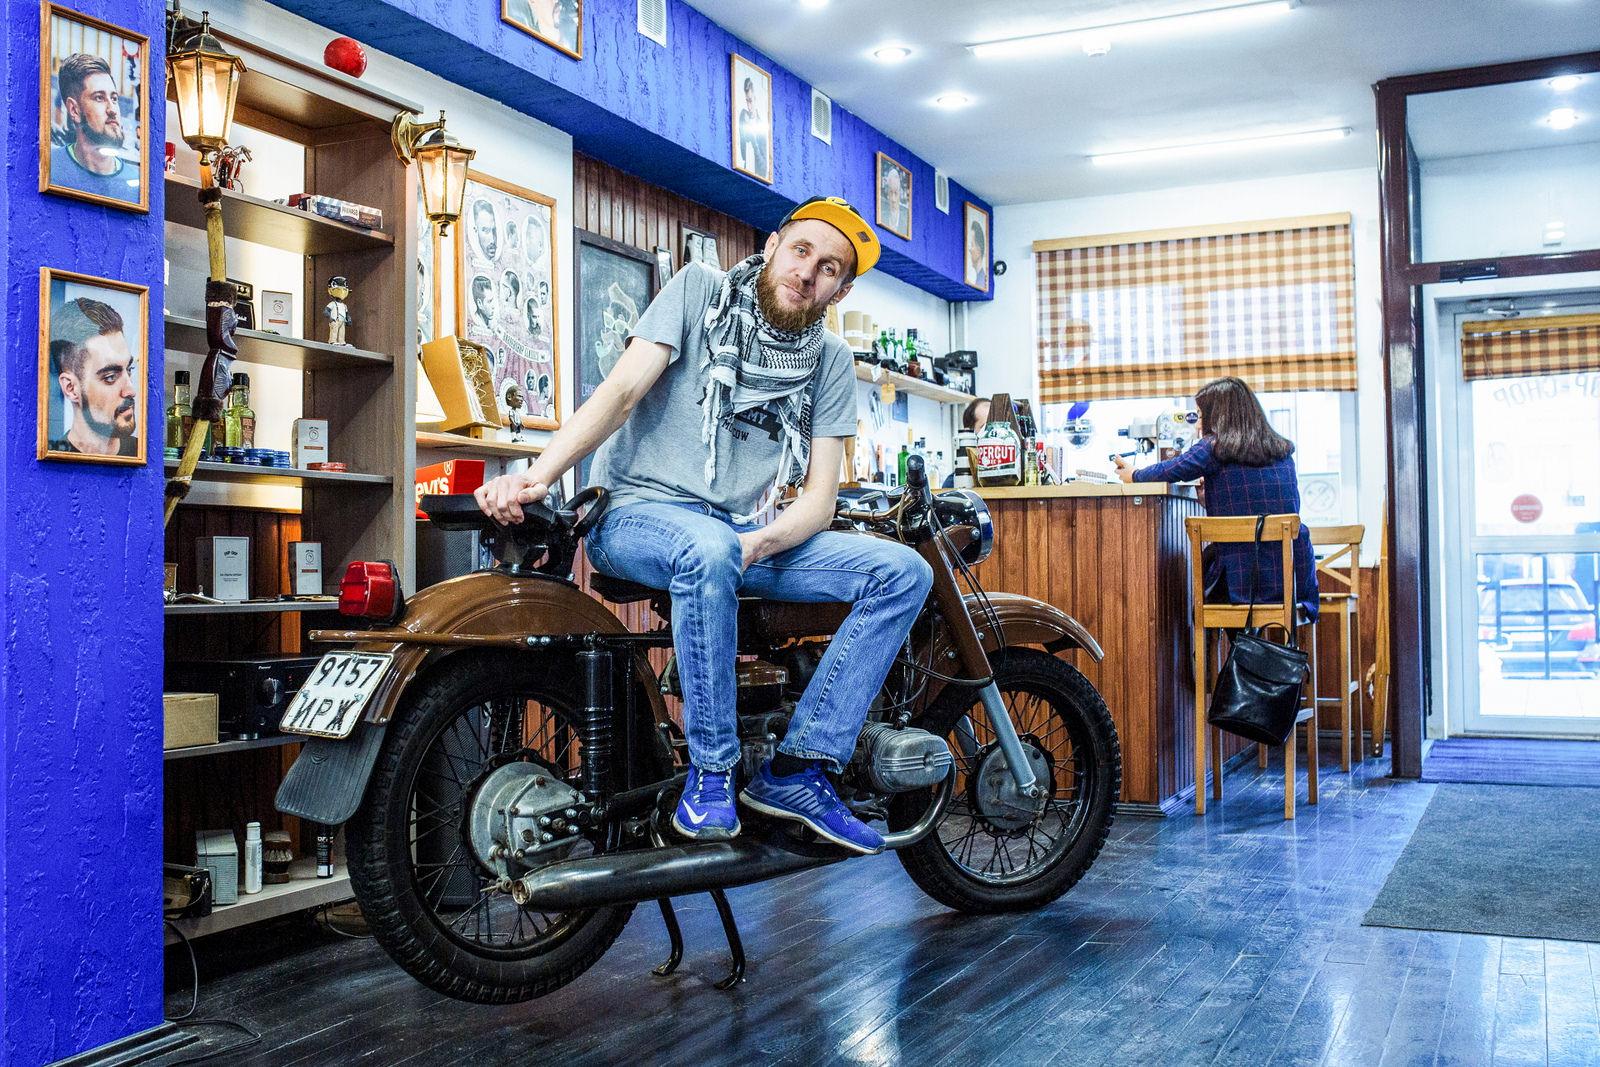 В салоне работают увлеченные люди. Своими силами они полностью восстановили мотоцикл, который 12 лет простоял на улице, а теперь украшение салона